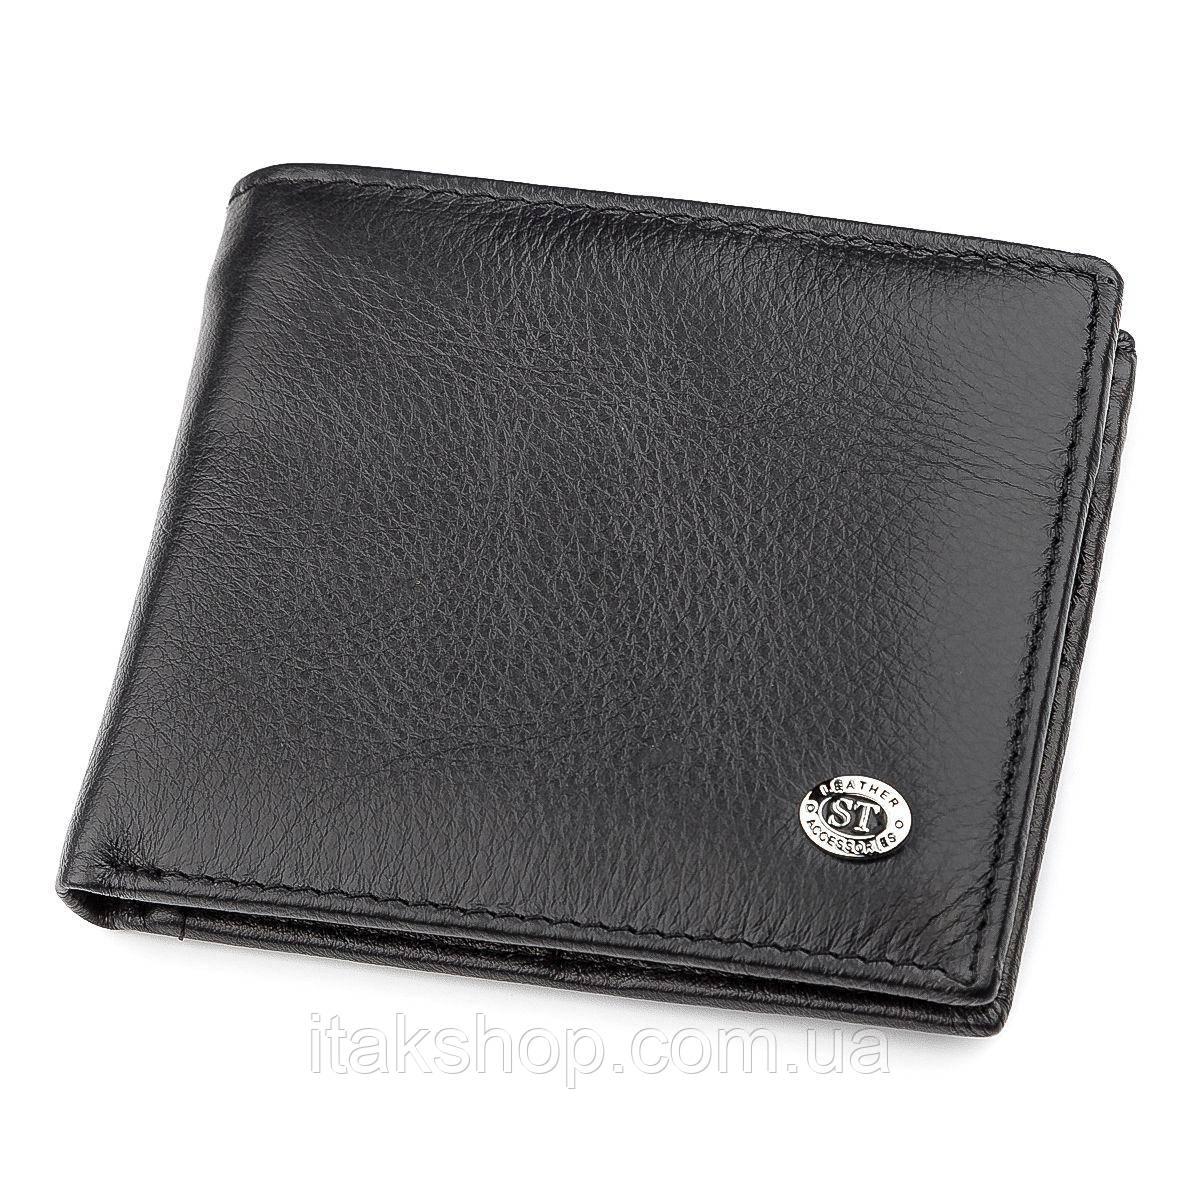 Мужской купюрник ST Leather 18305 (ST159) кожаный Черный, Черный